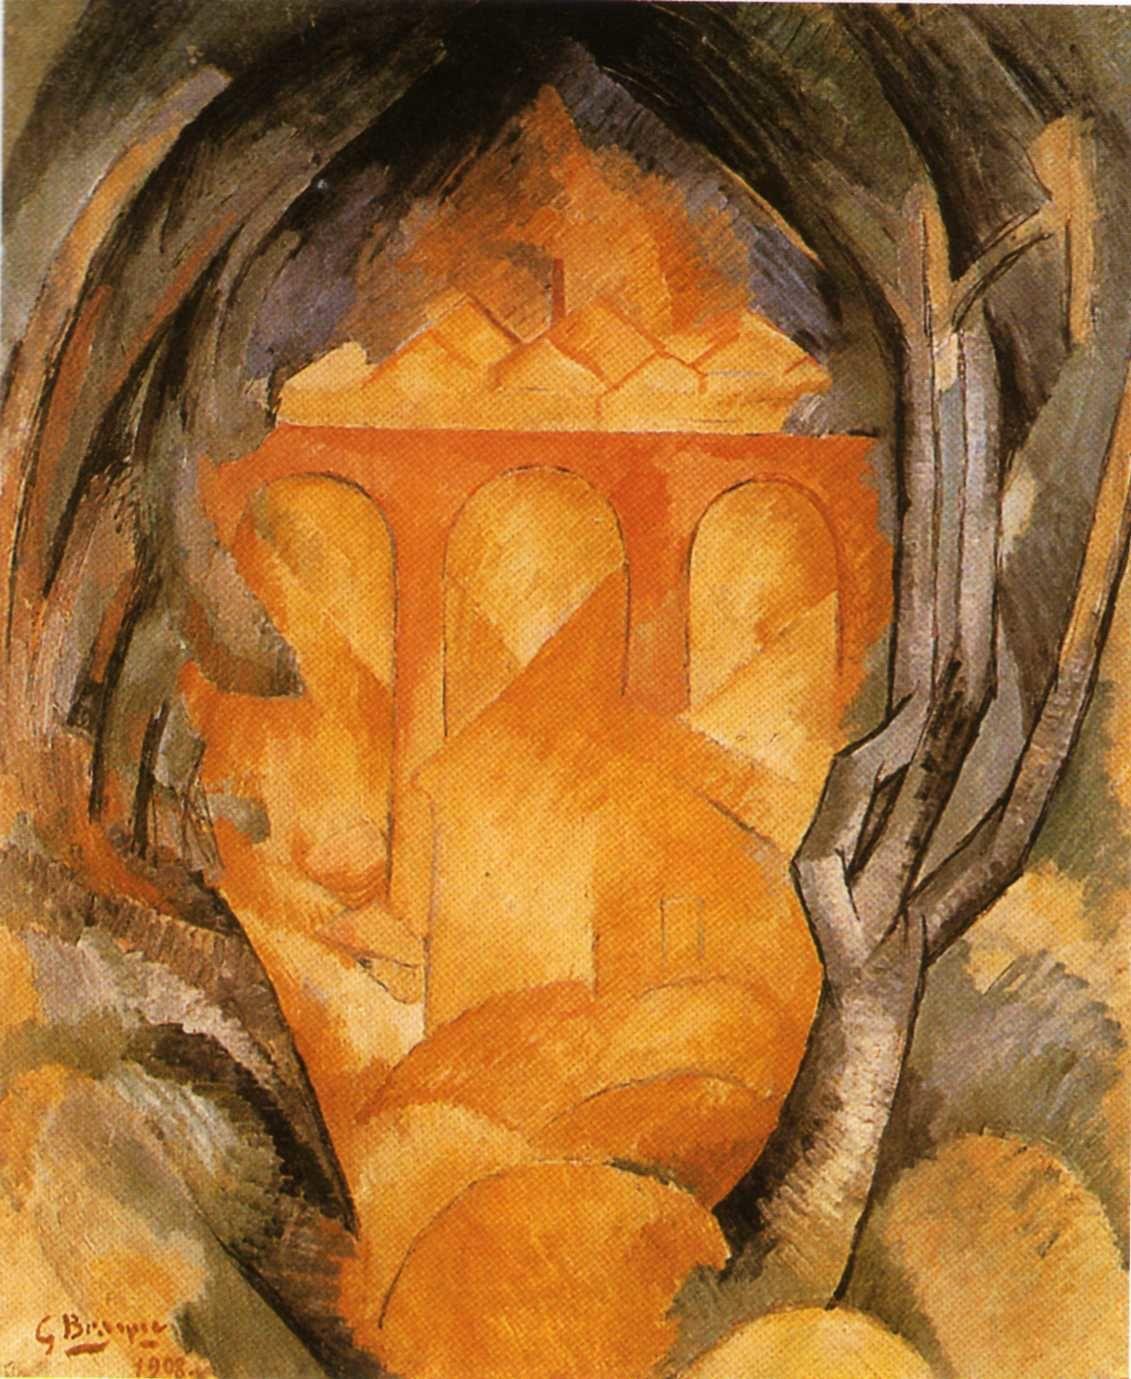 Et le cubisme nait l 39 estaque l 39 ocre bleu for Braque peintre